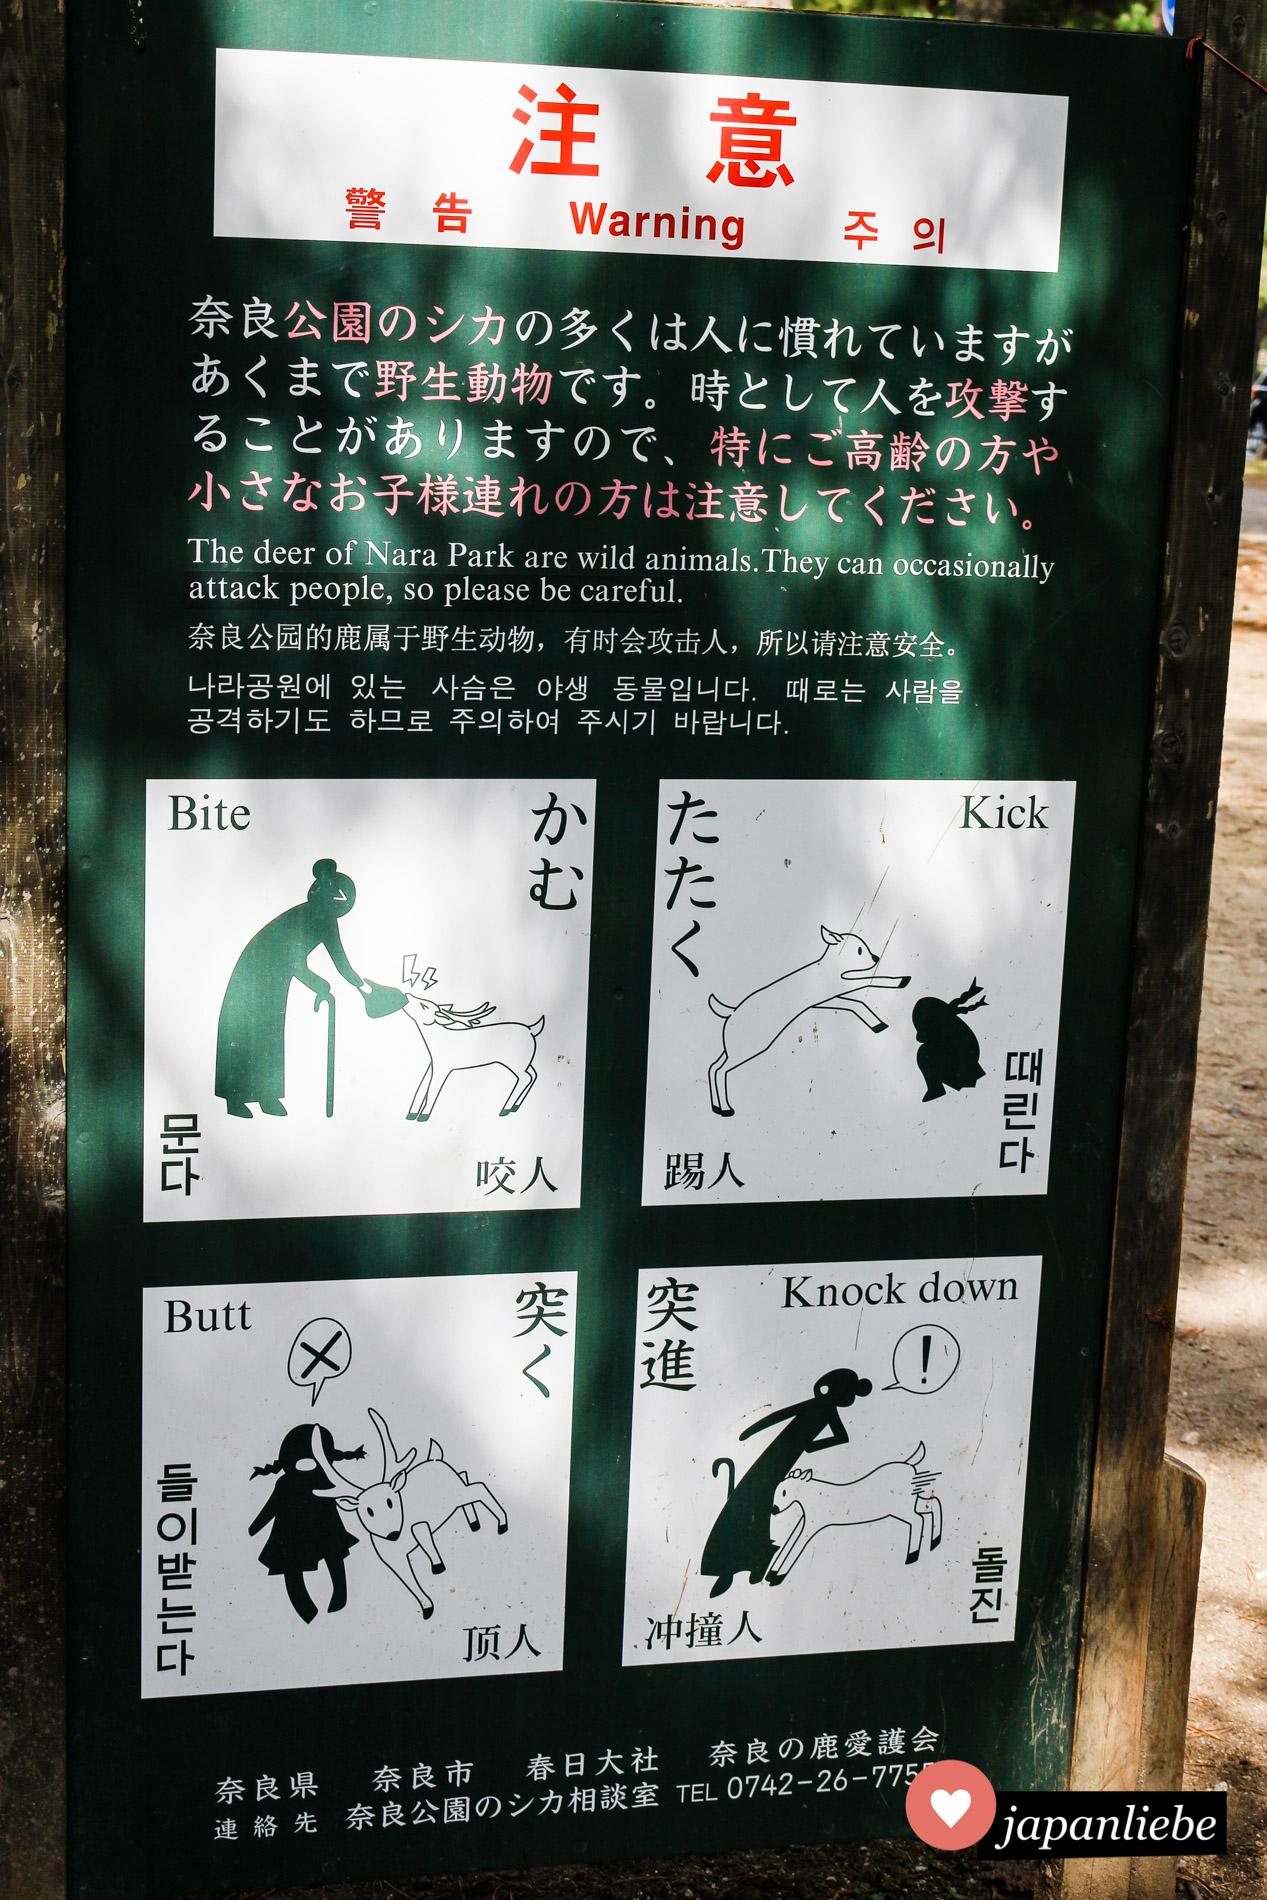 Naras Hirsche sind zutraulich, wenn es um Futter geht. Sonst vergessen aber zu viele Touristen gern, dass es sich doch um wilde Tiere handelt.